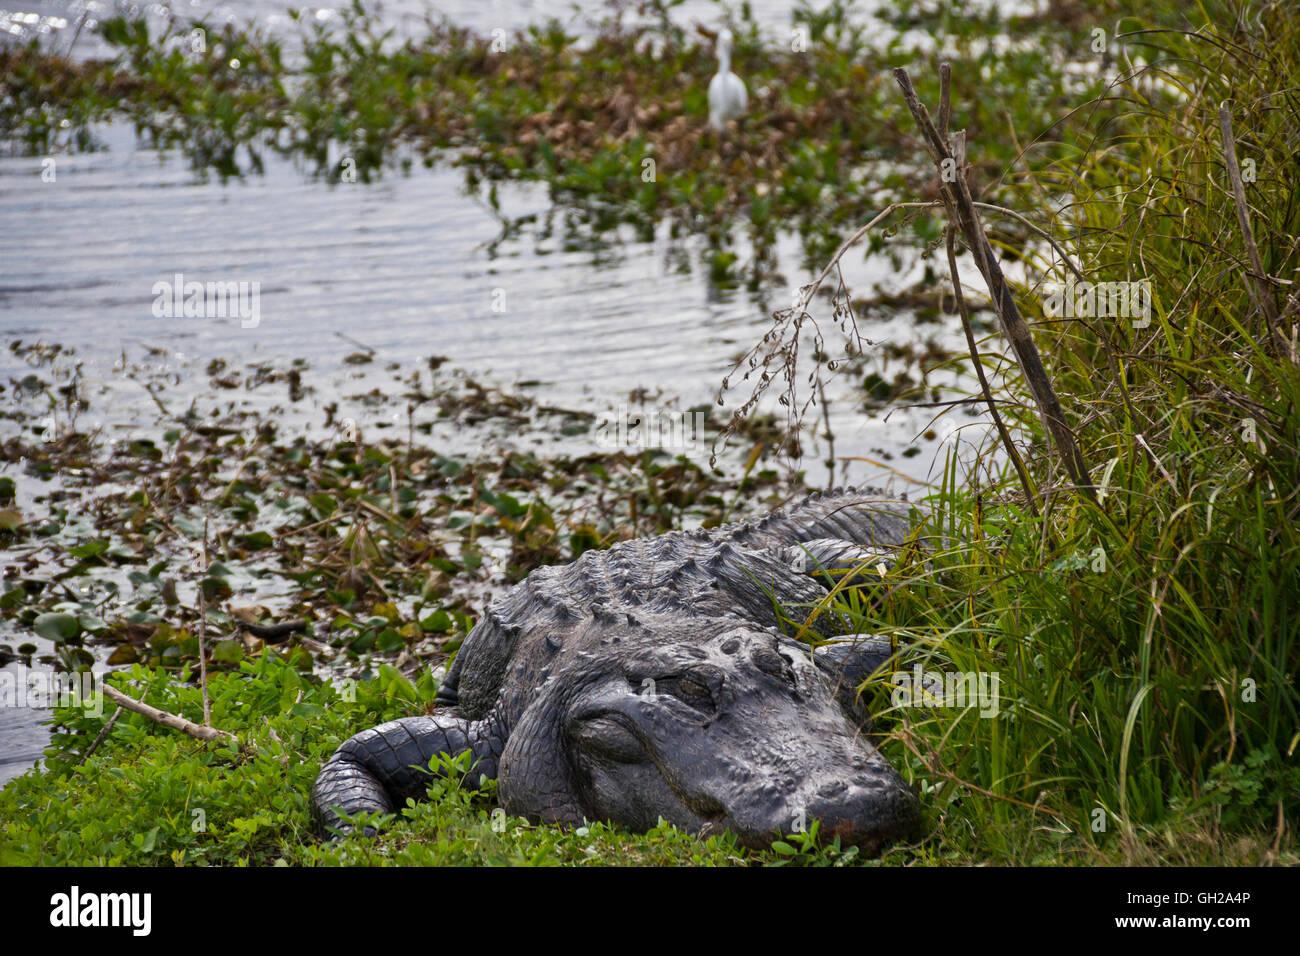 Amerikanischer Alligator sitzen entlang der Küstenlinie von einem Sumpf in Gainesville Florida Stockfoto